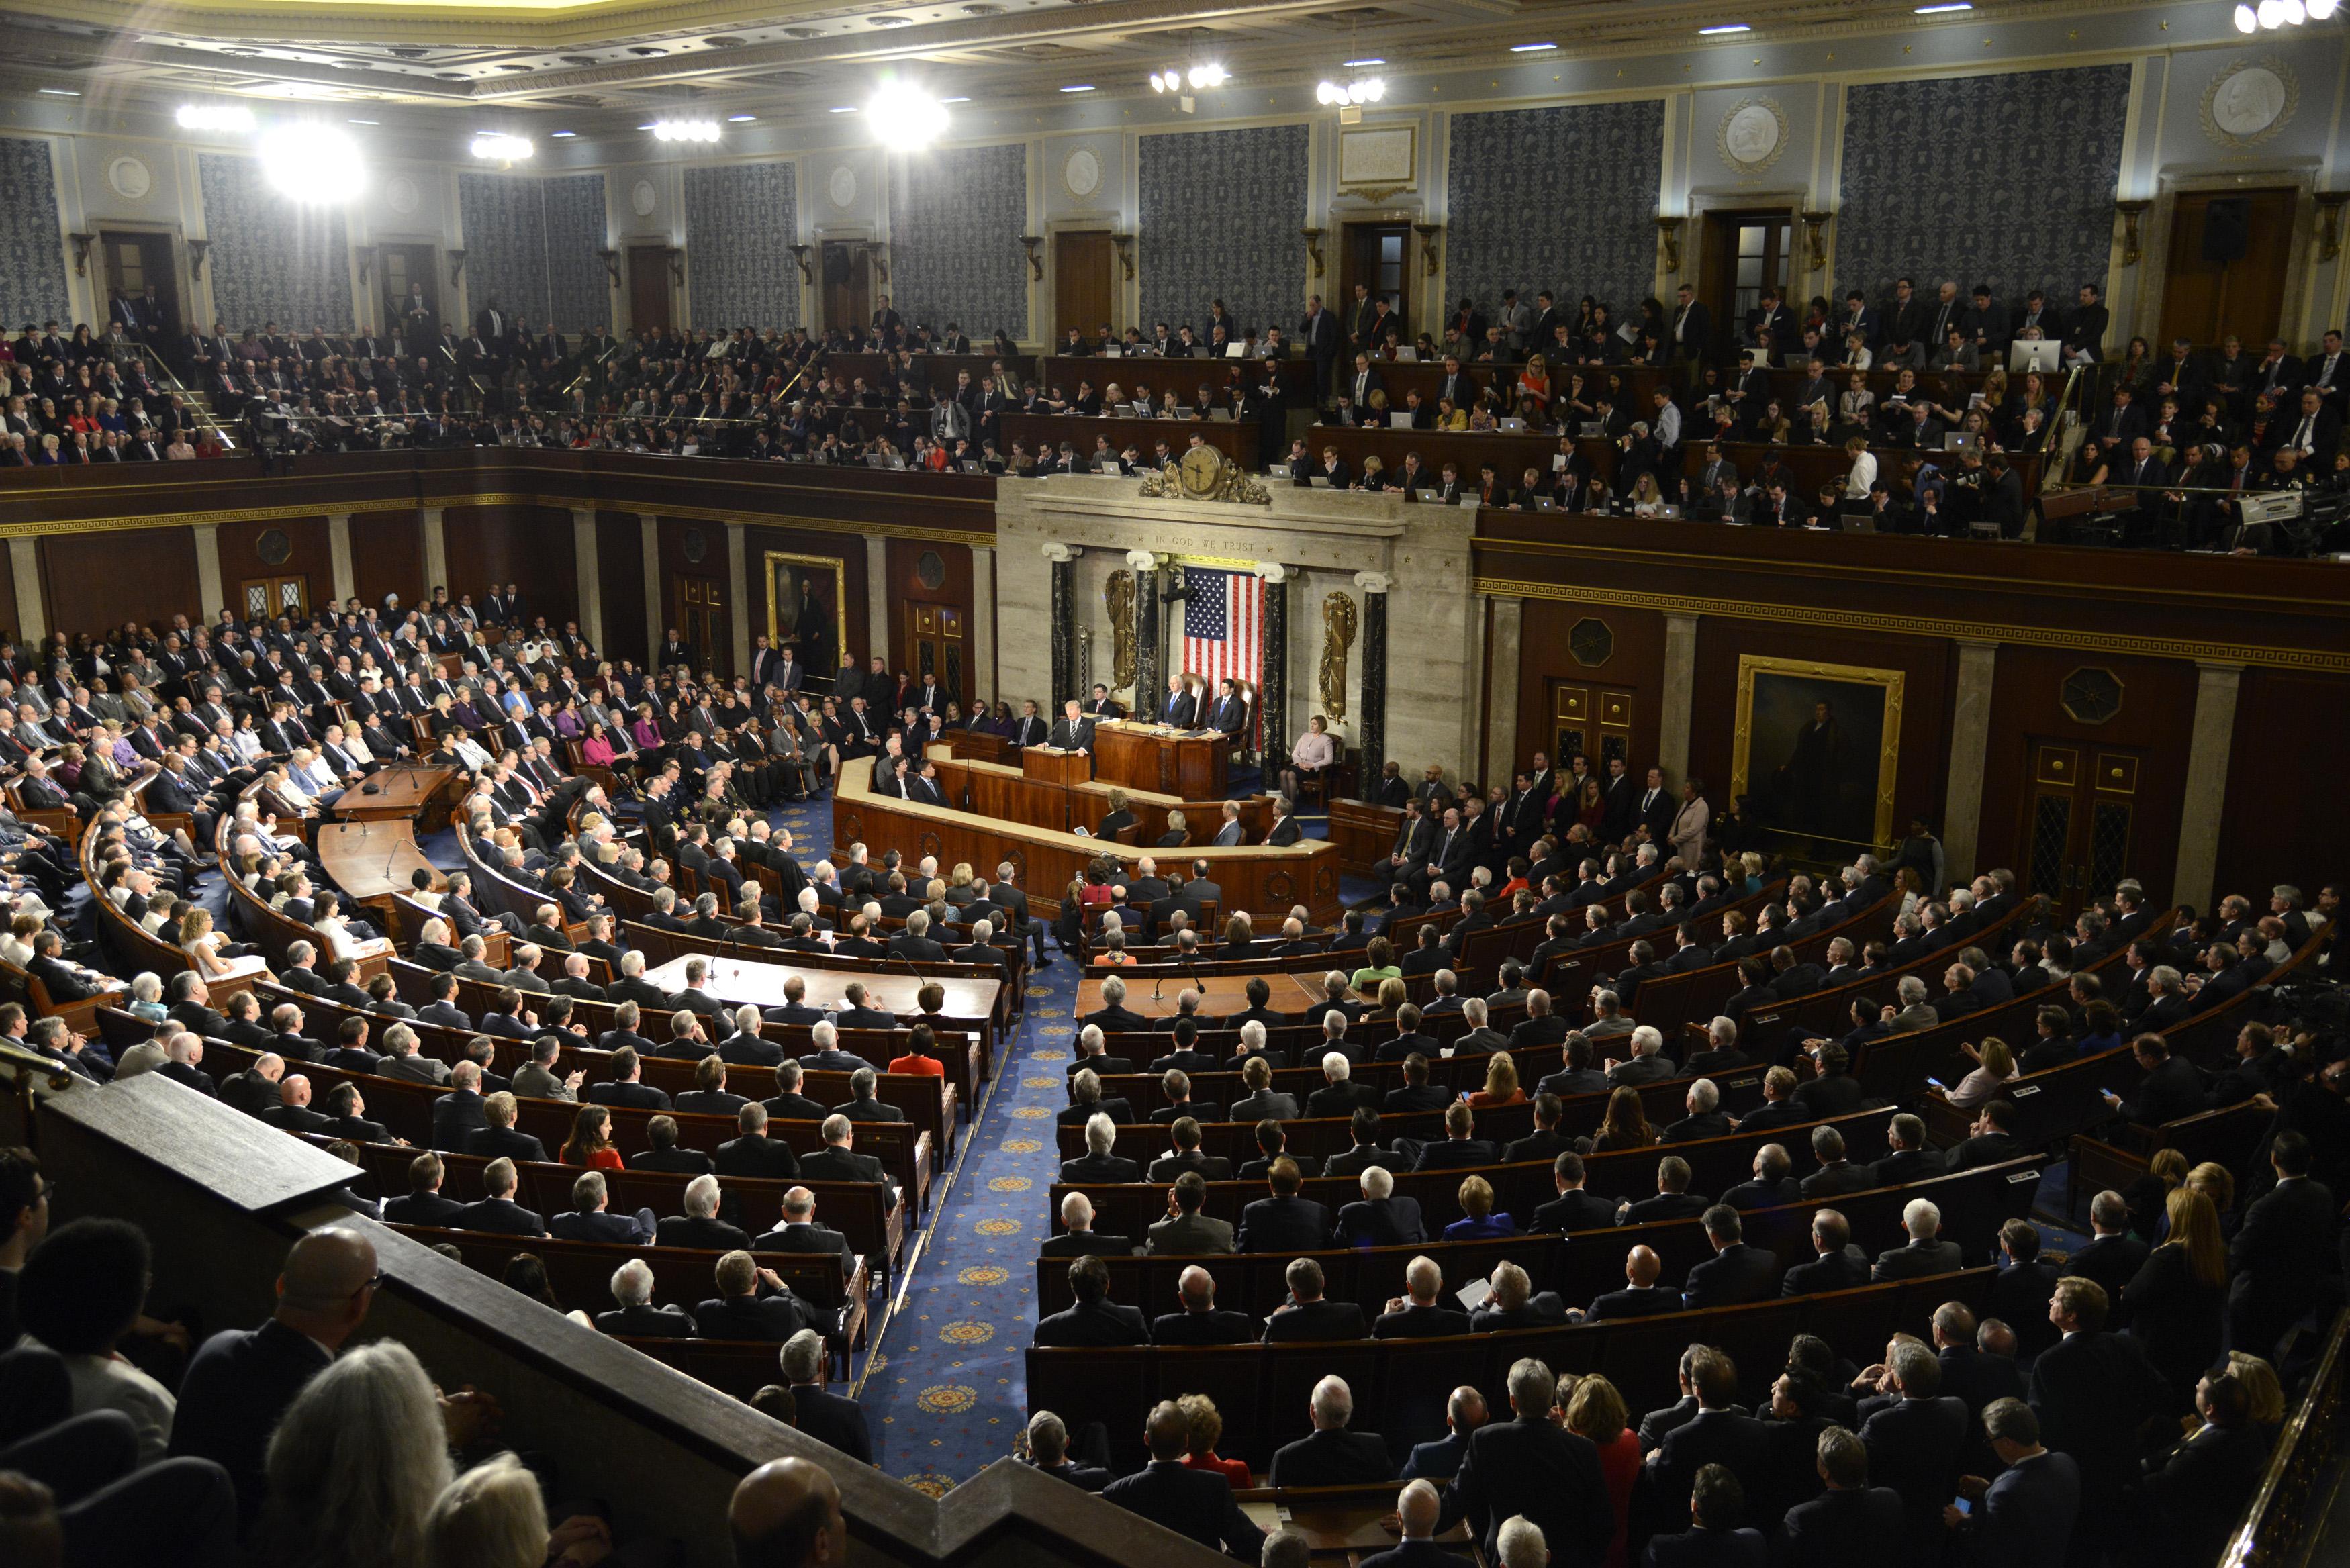 美國眾議院外交事務委員會10月30日一致通過兩項有關5G的法案,以應對中共在5G網絡和標準制定方面構成的威脅。圖為美國眾議院。 (Mike Theiler / AFP)